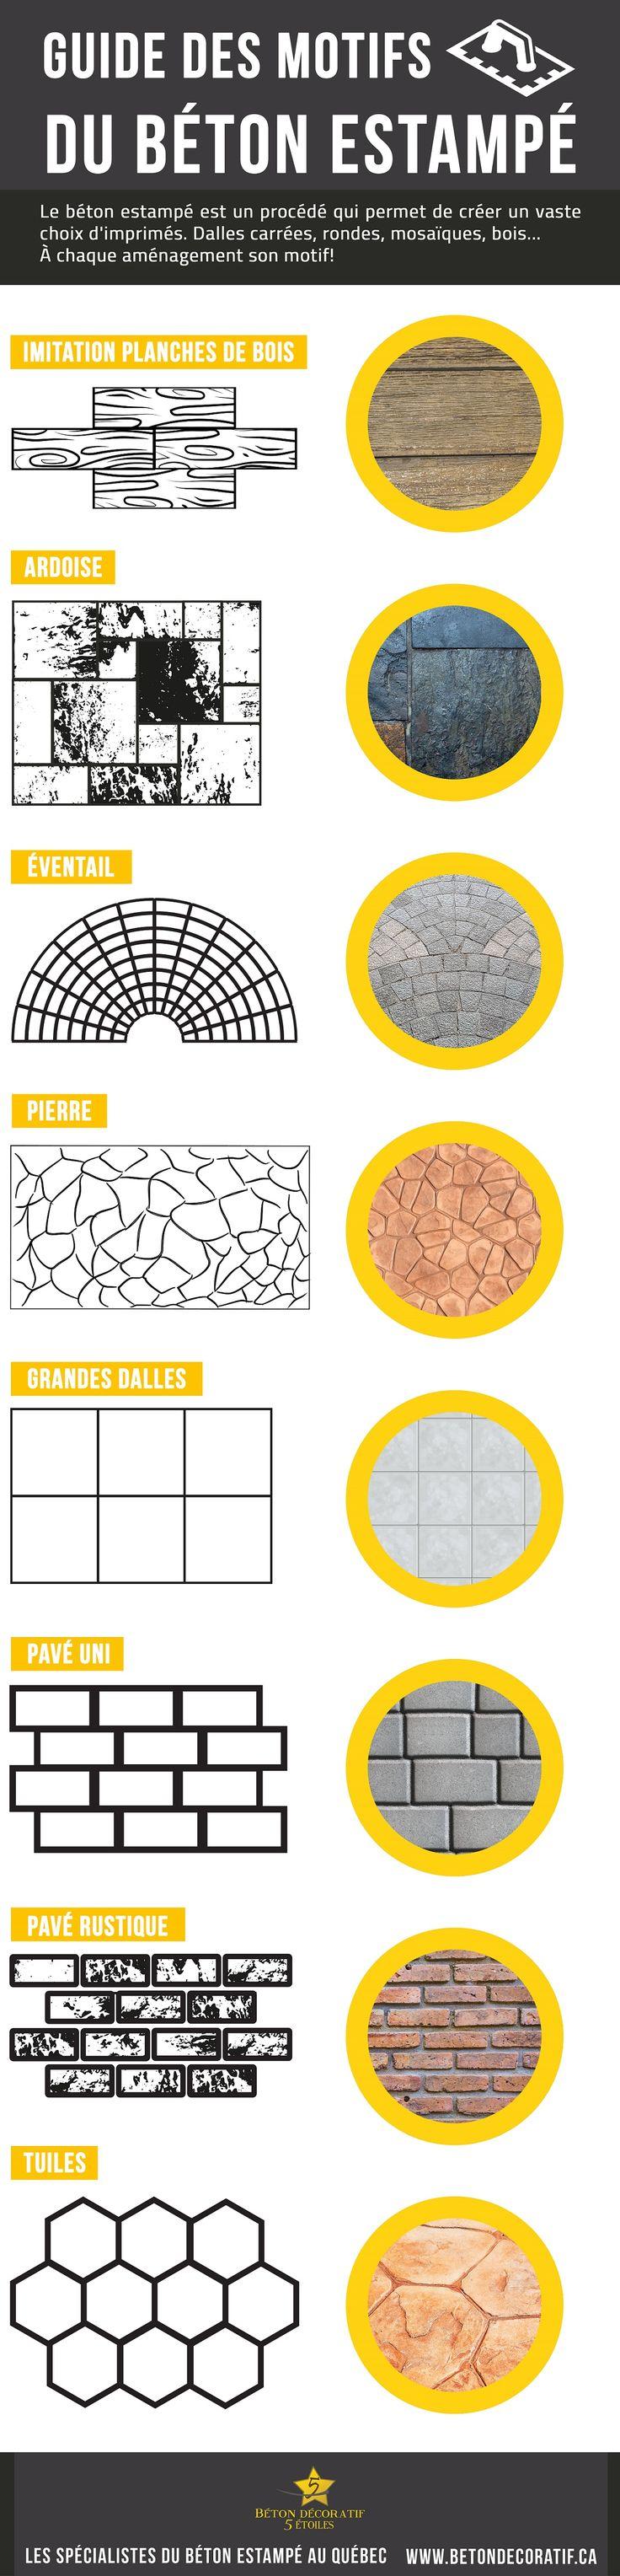 Le béton estampé est un procédé qui permet de créer un vaste choix d'imprimés. Dalles carrées, rondes, mosaïques, bois... à chaque aménagement son motif!